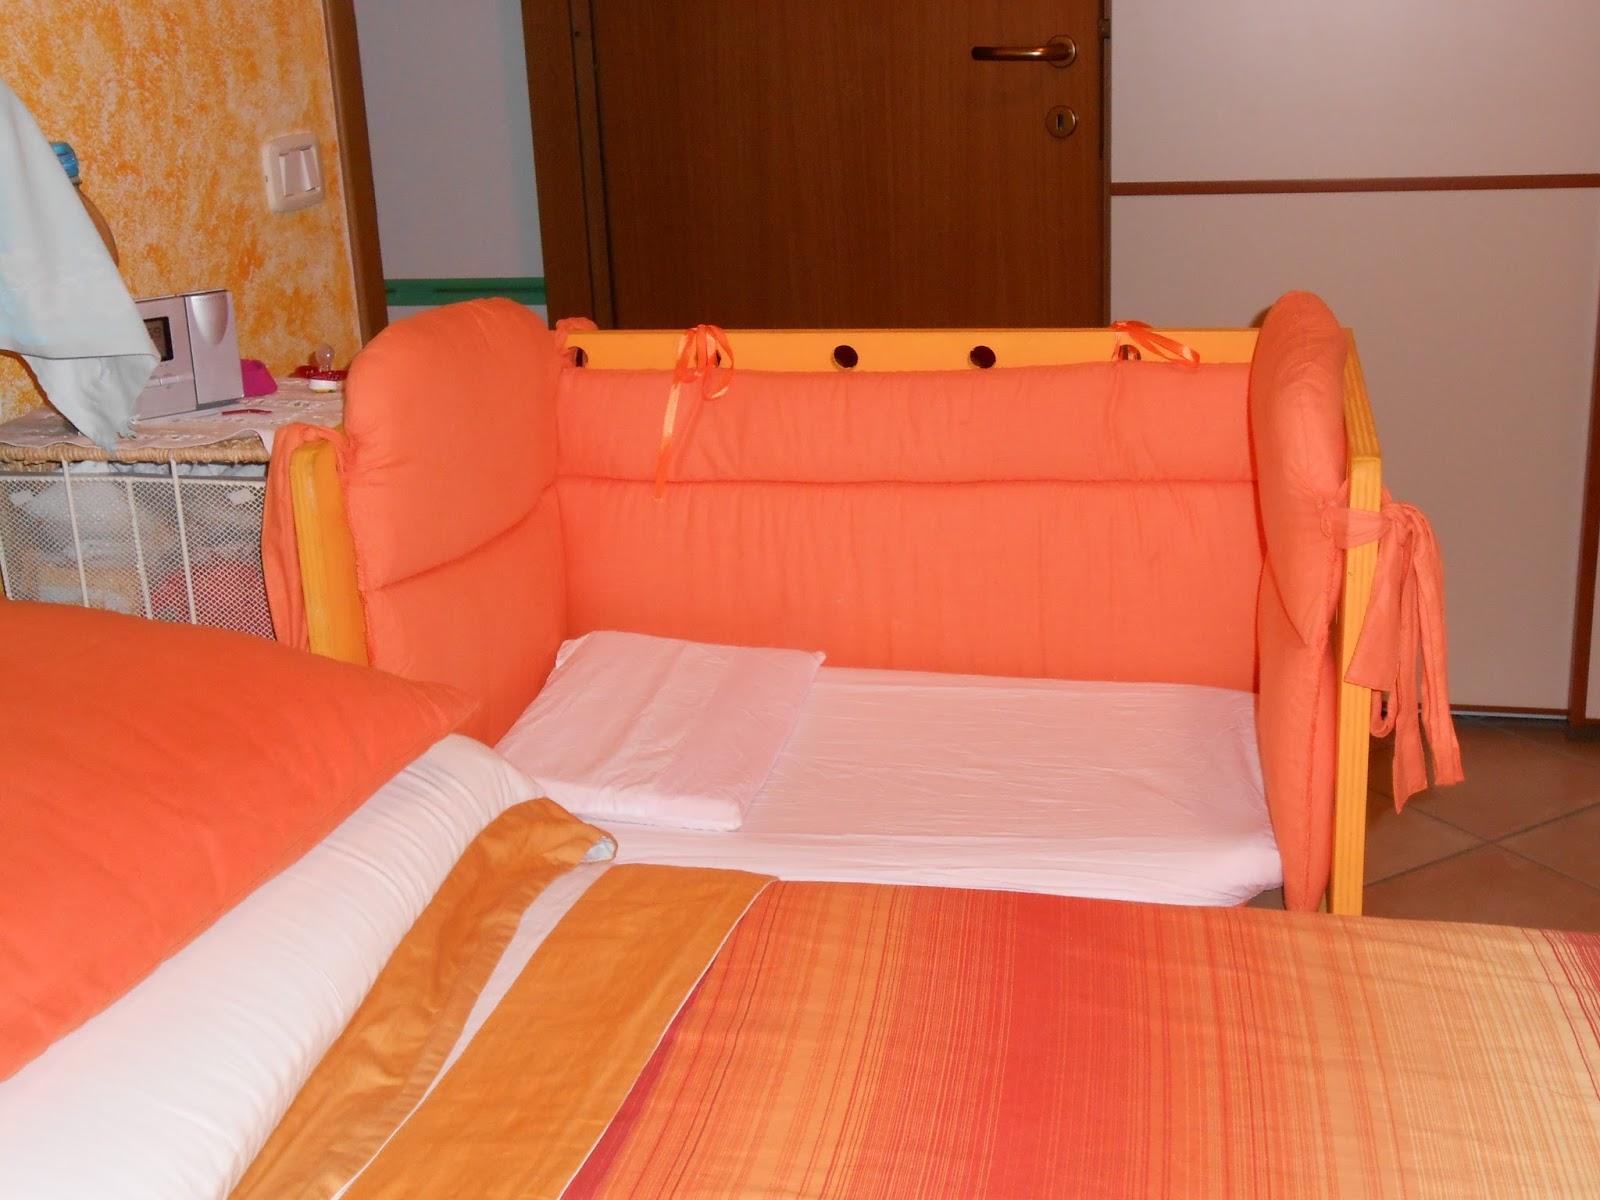 Bambinabirbona side bed culla da affiancare al lettone fai da te - Culla che si attacca al letto prenatal ...